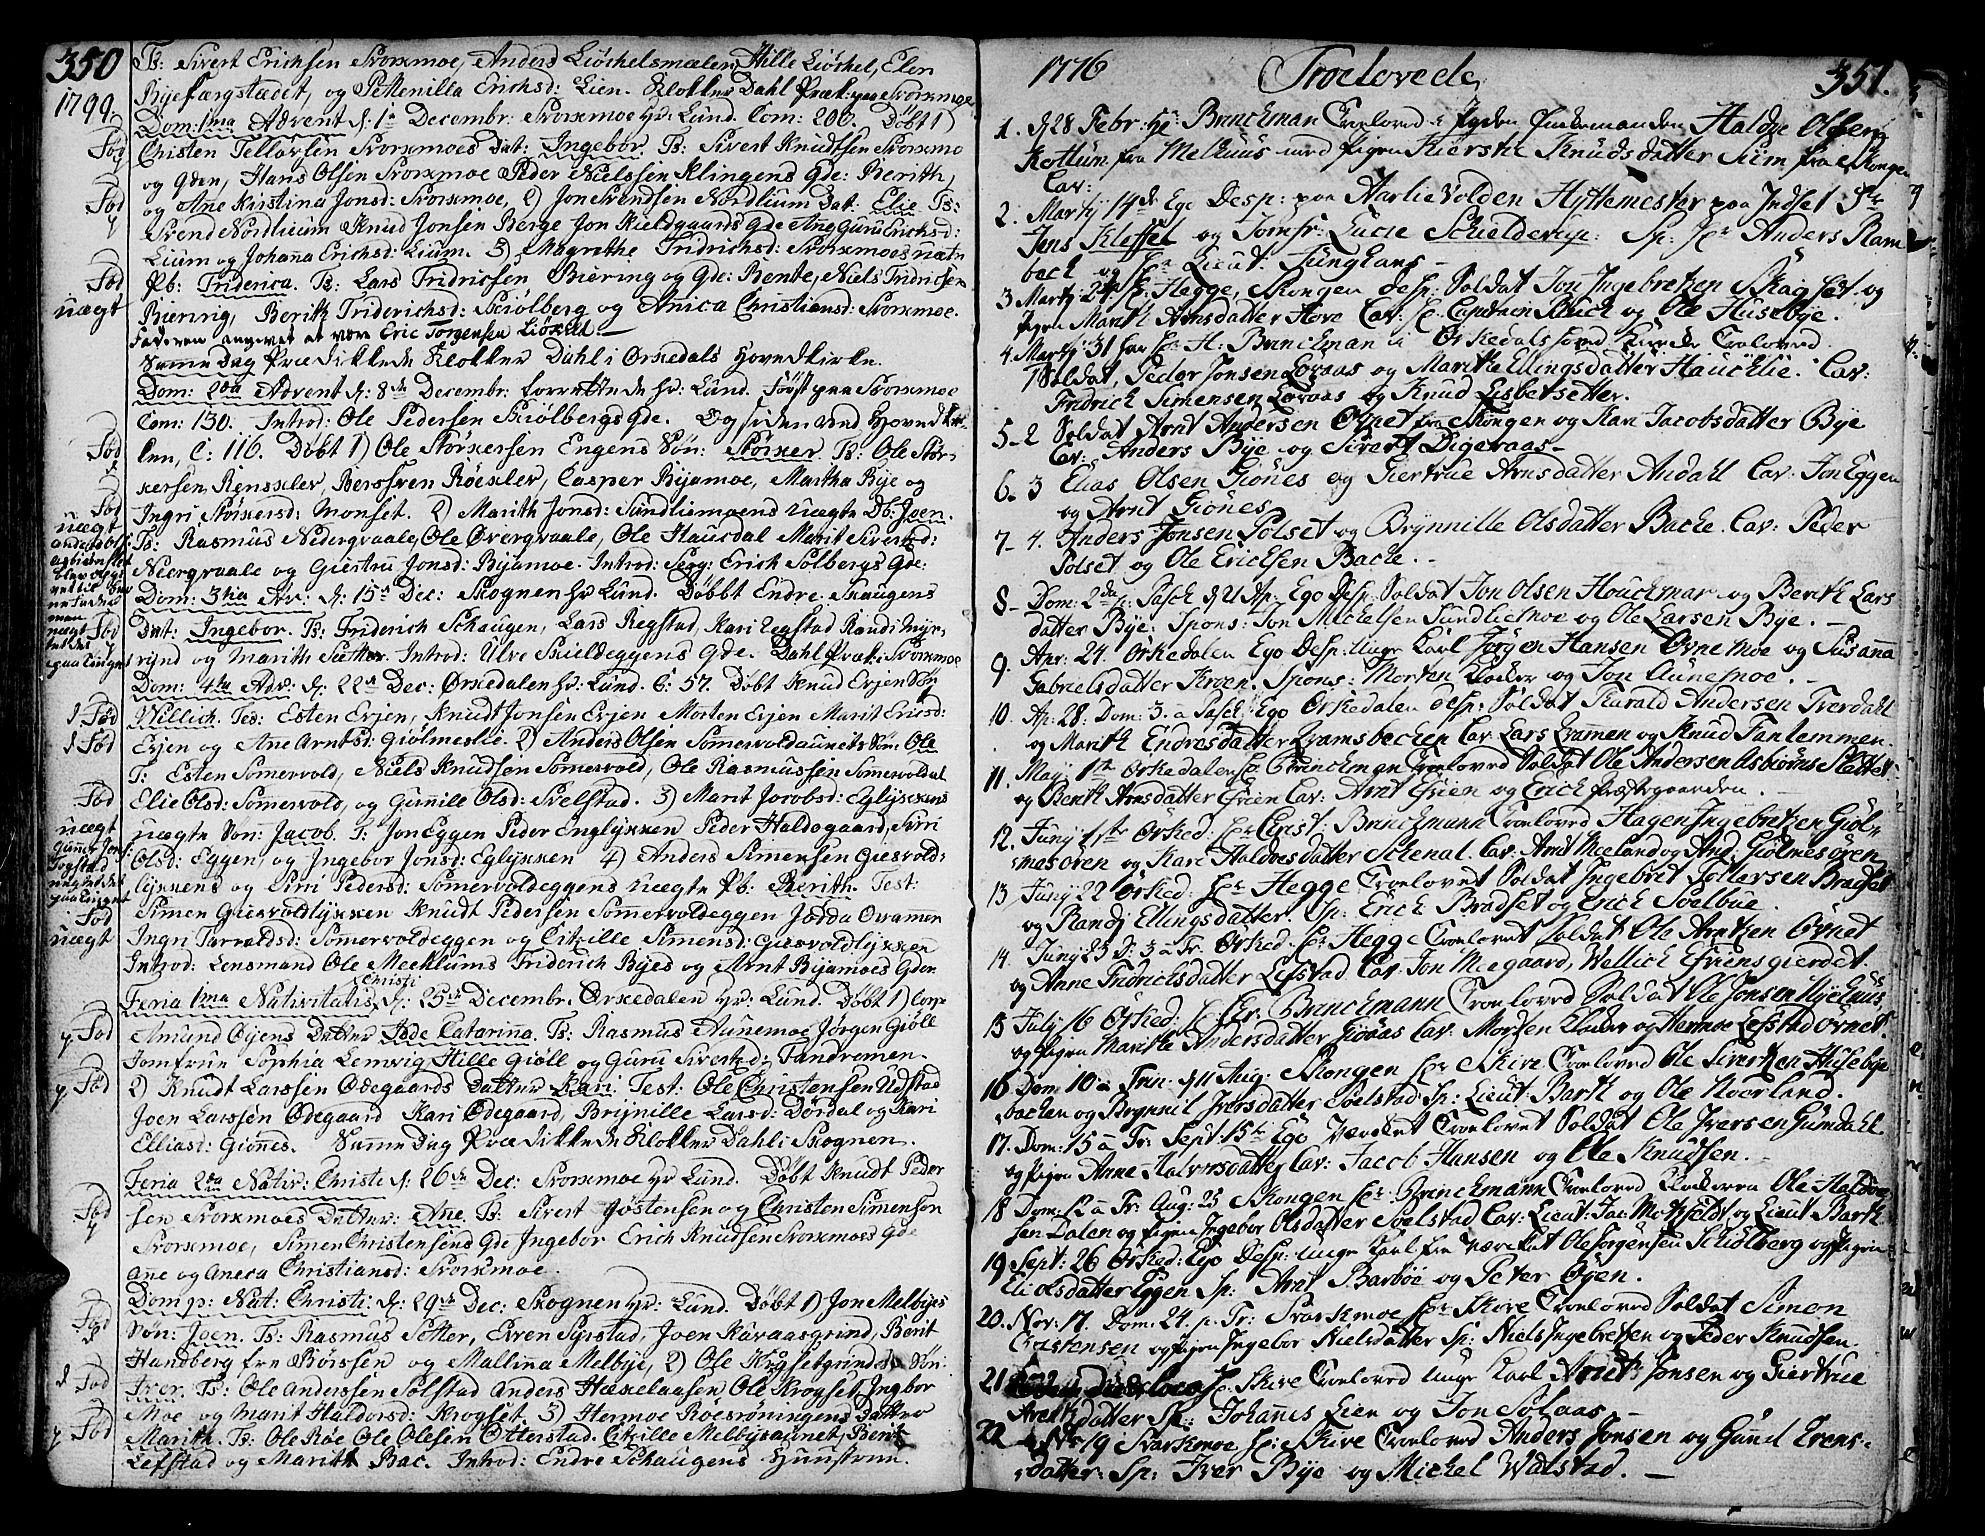 SAT, Ministerialprotokoller, klokkerbøker og fødselsregistre - Sør-Trøndelag, 668/L0802: Ministerialbok nr. 668A02, 1776-1799, s. 350-351